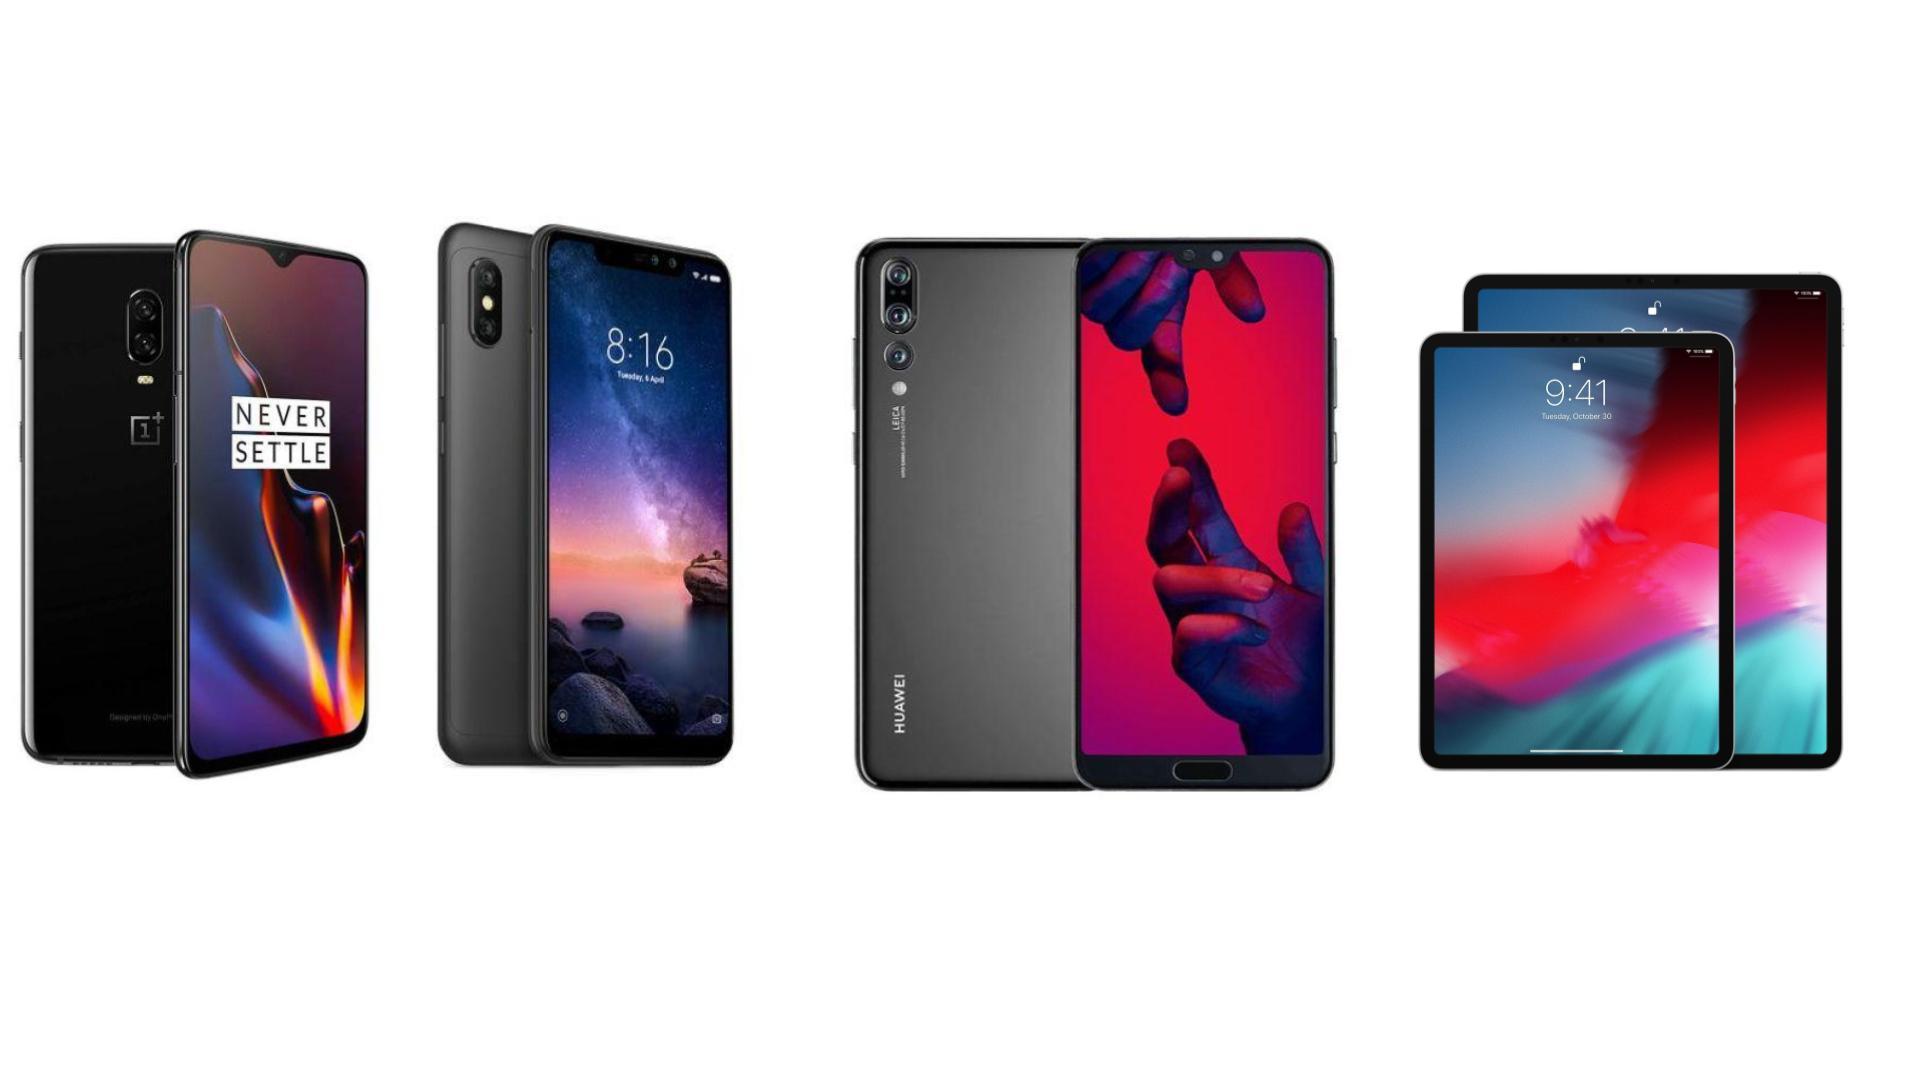 Oneplus 6t A 465 Euros Huawei P20 Pro A 579 Euros Ou Redmi Note 6